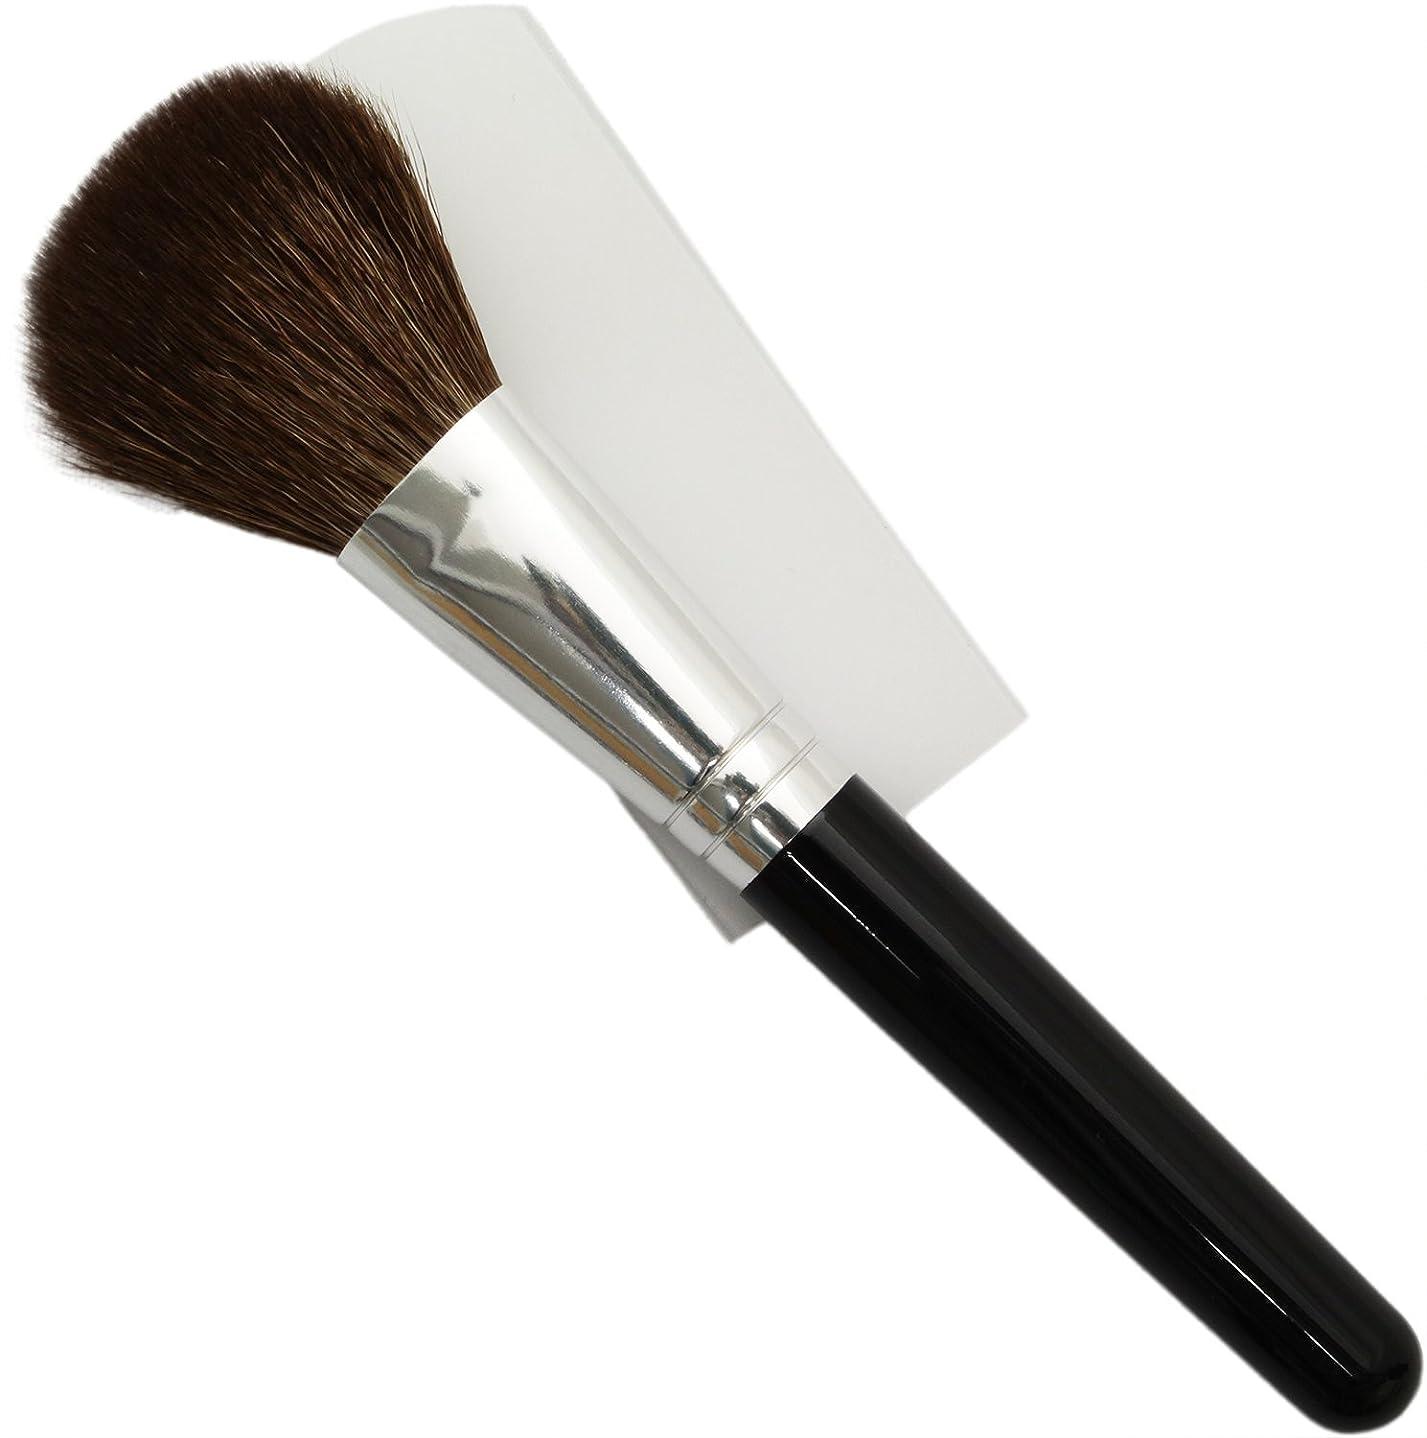 ドロー不利益スクレーパー熊野筆 メイクブラシ KUシリーズ フェイスブラシ 山羊毛